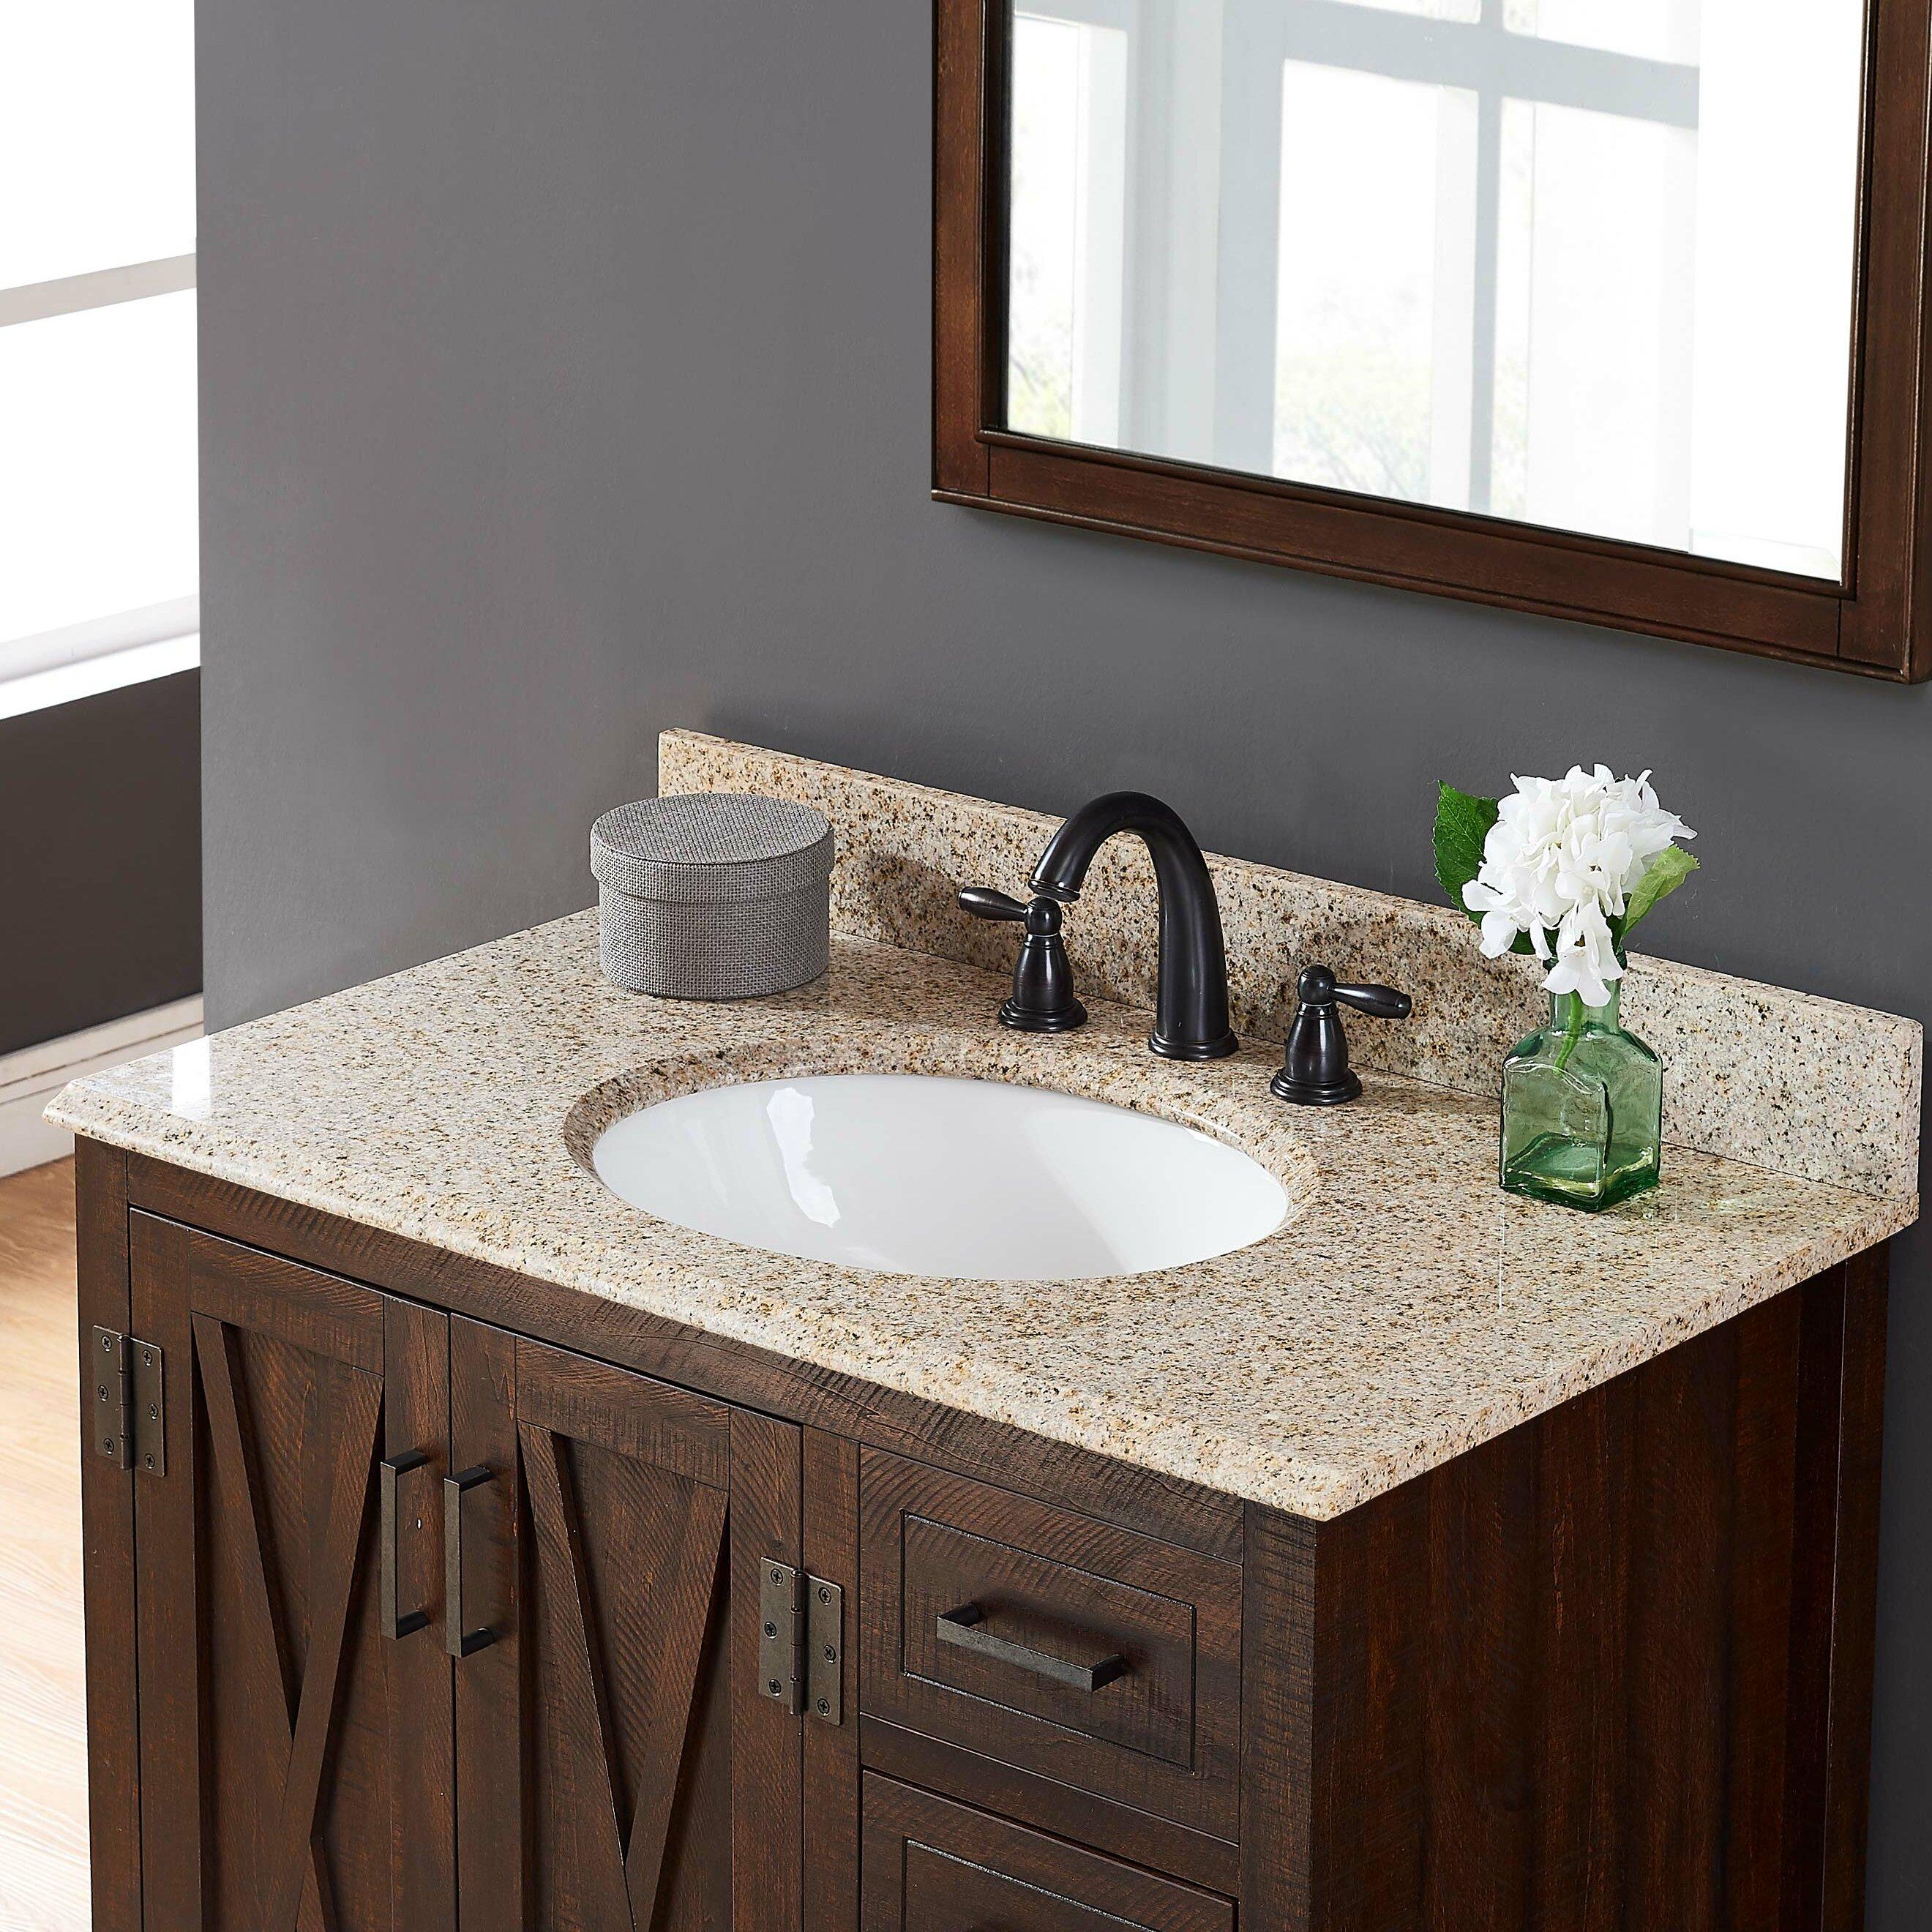 Tile Top Granite 31 Single Bathroom Vanity Top Reviews Wayfair